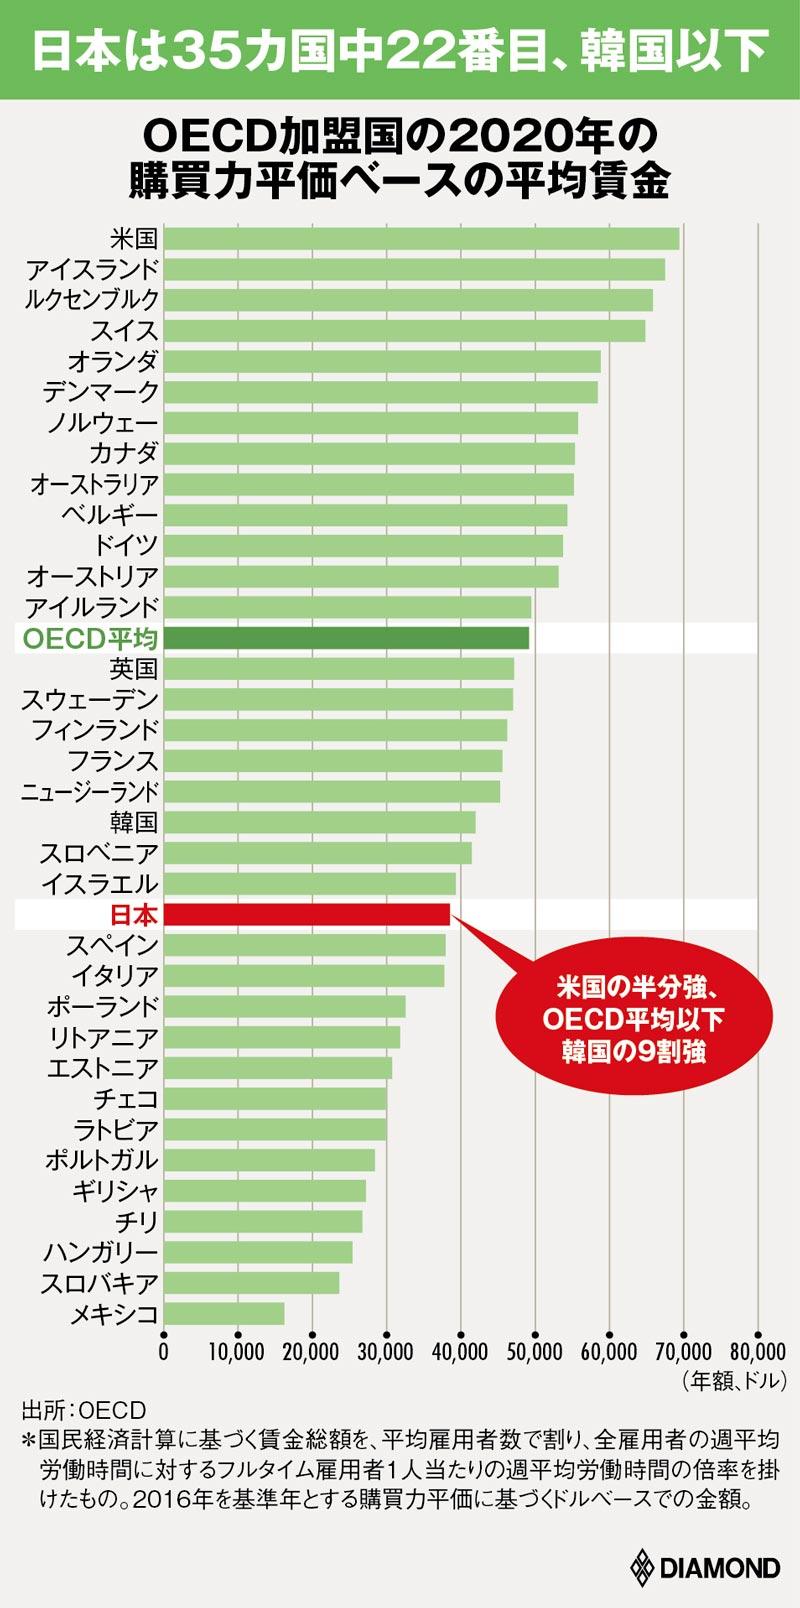 図版:平均賃金の国際比較